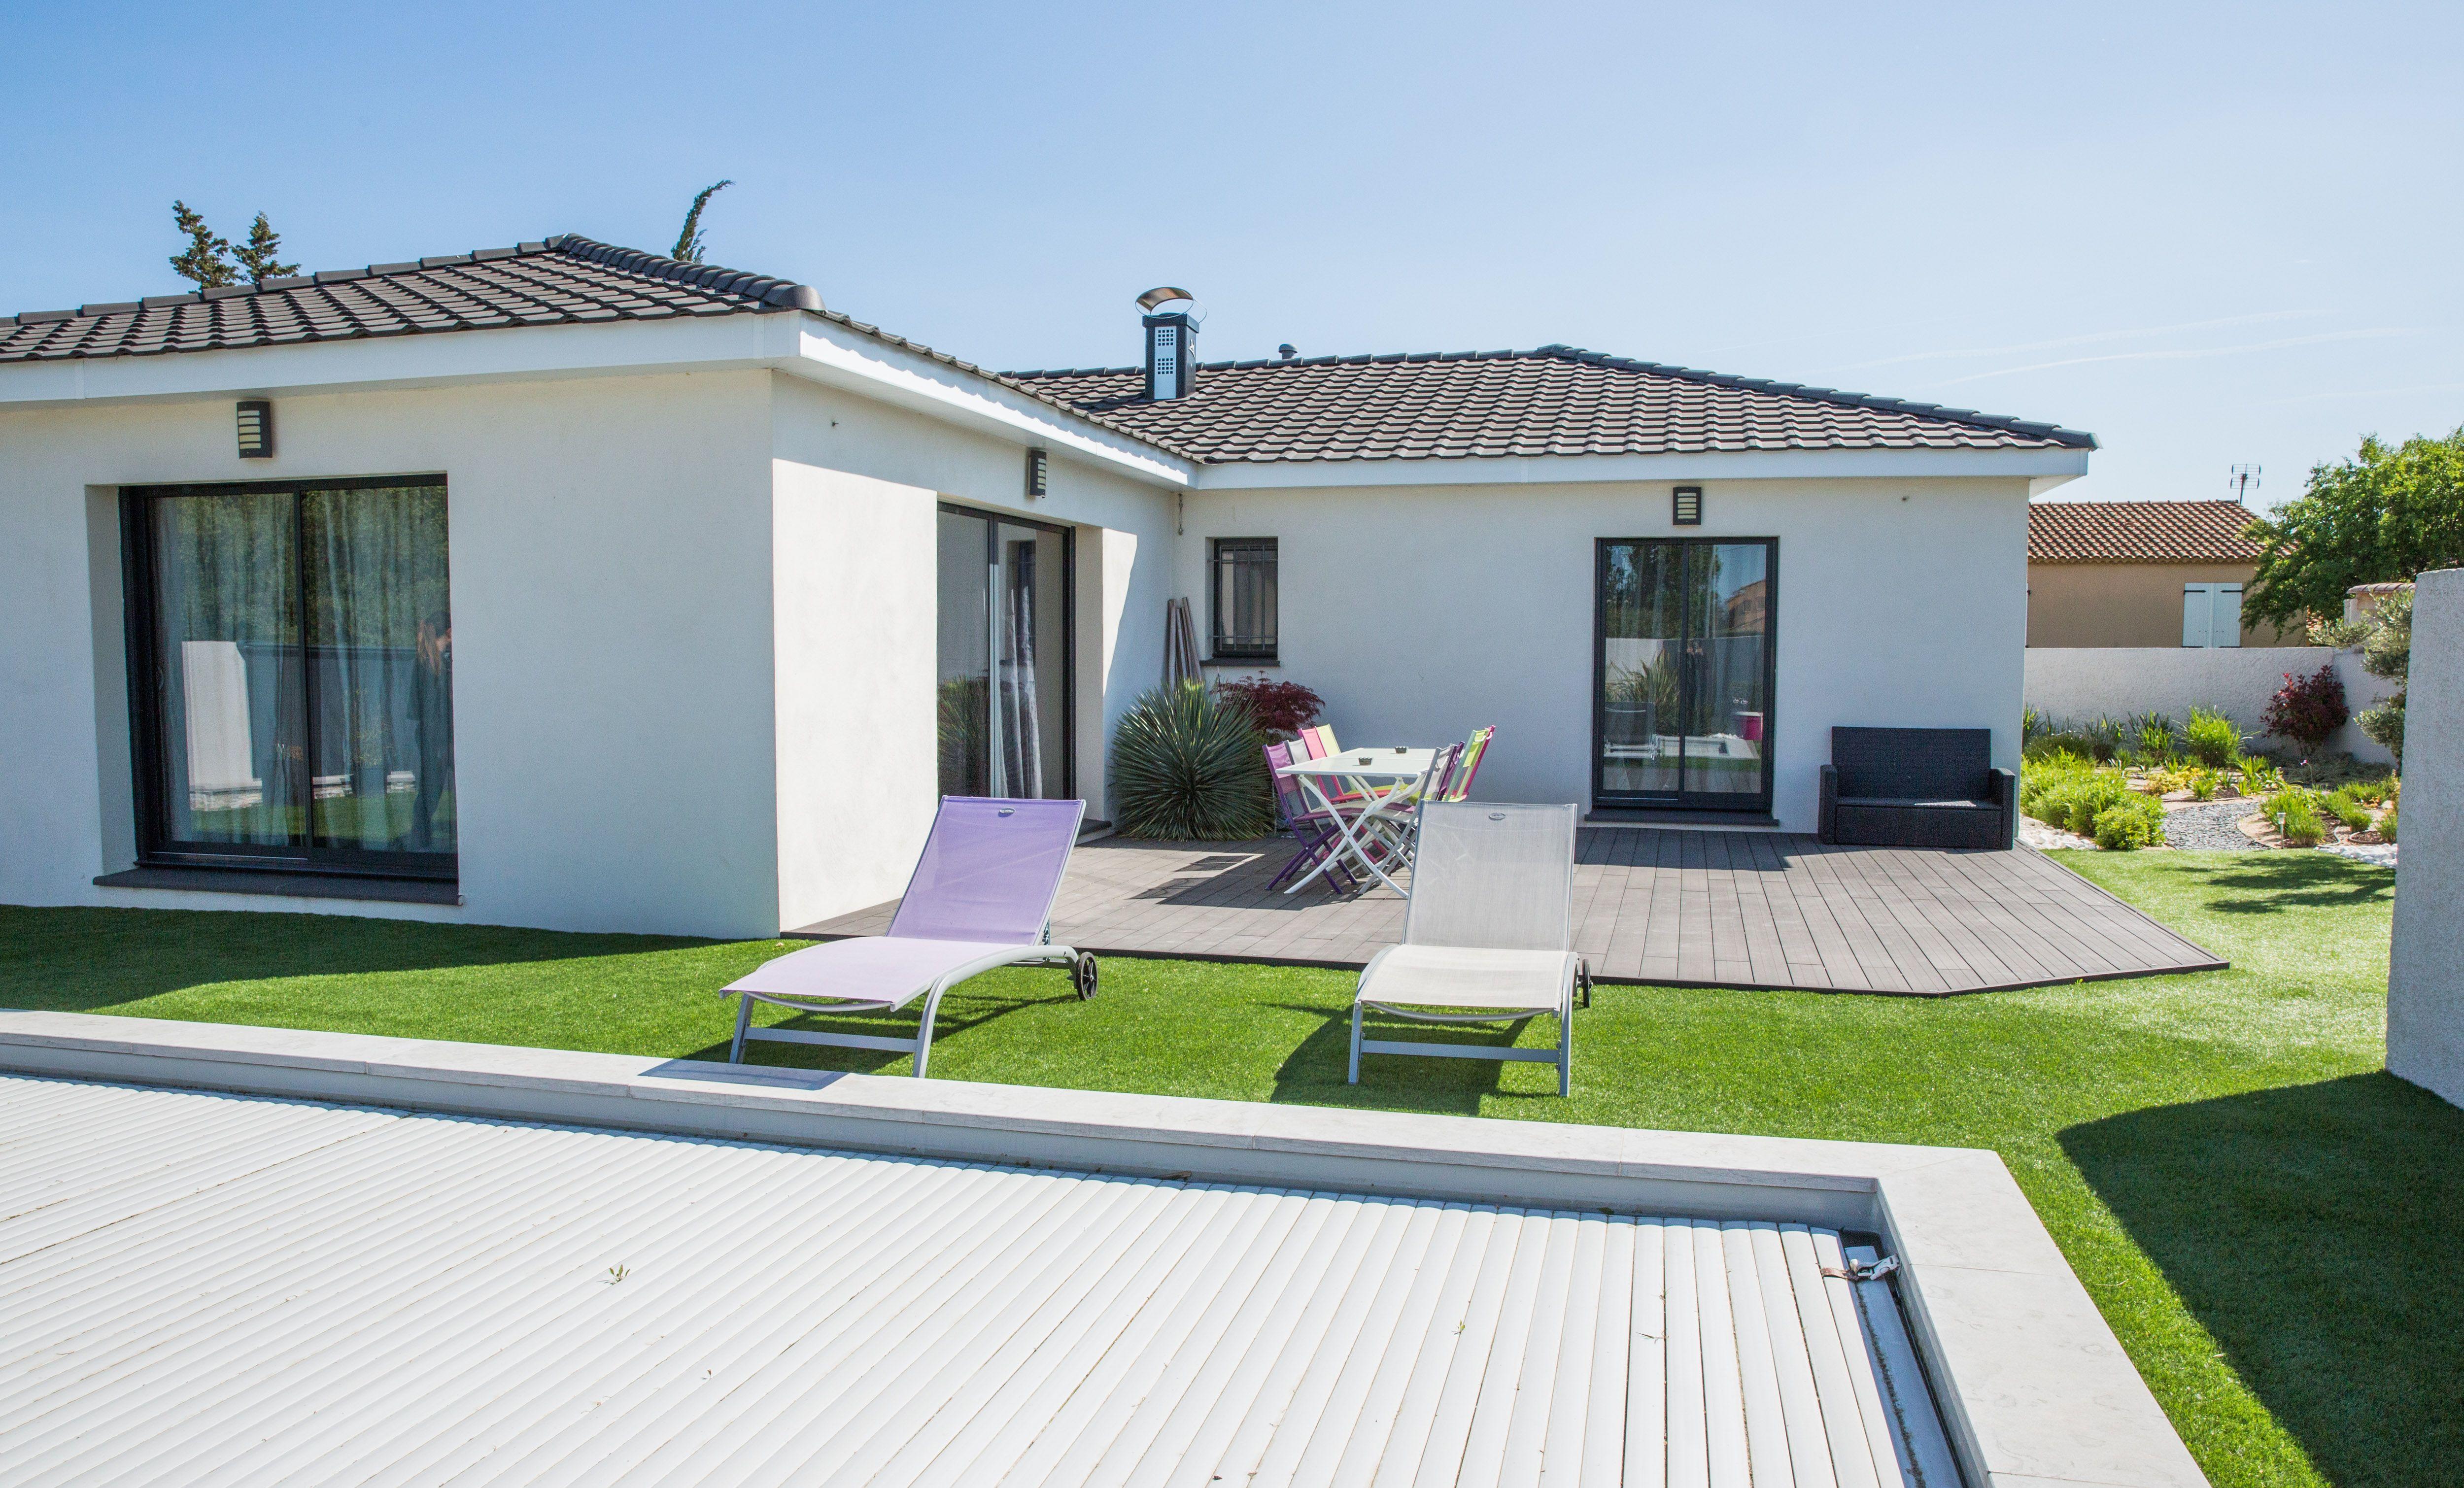 Villas contemporaine construite par Villas Prisme Tuiles noires